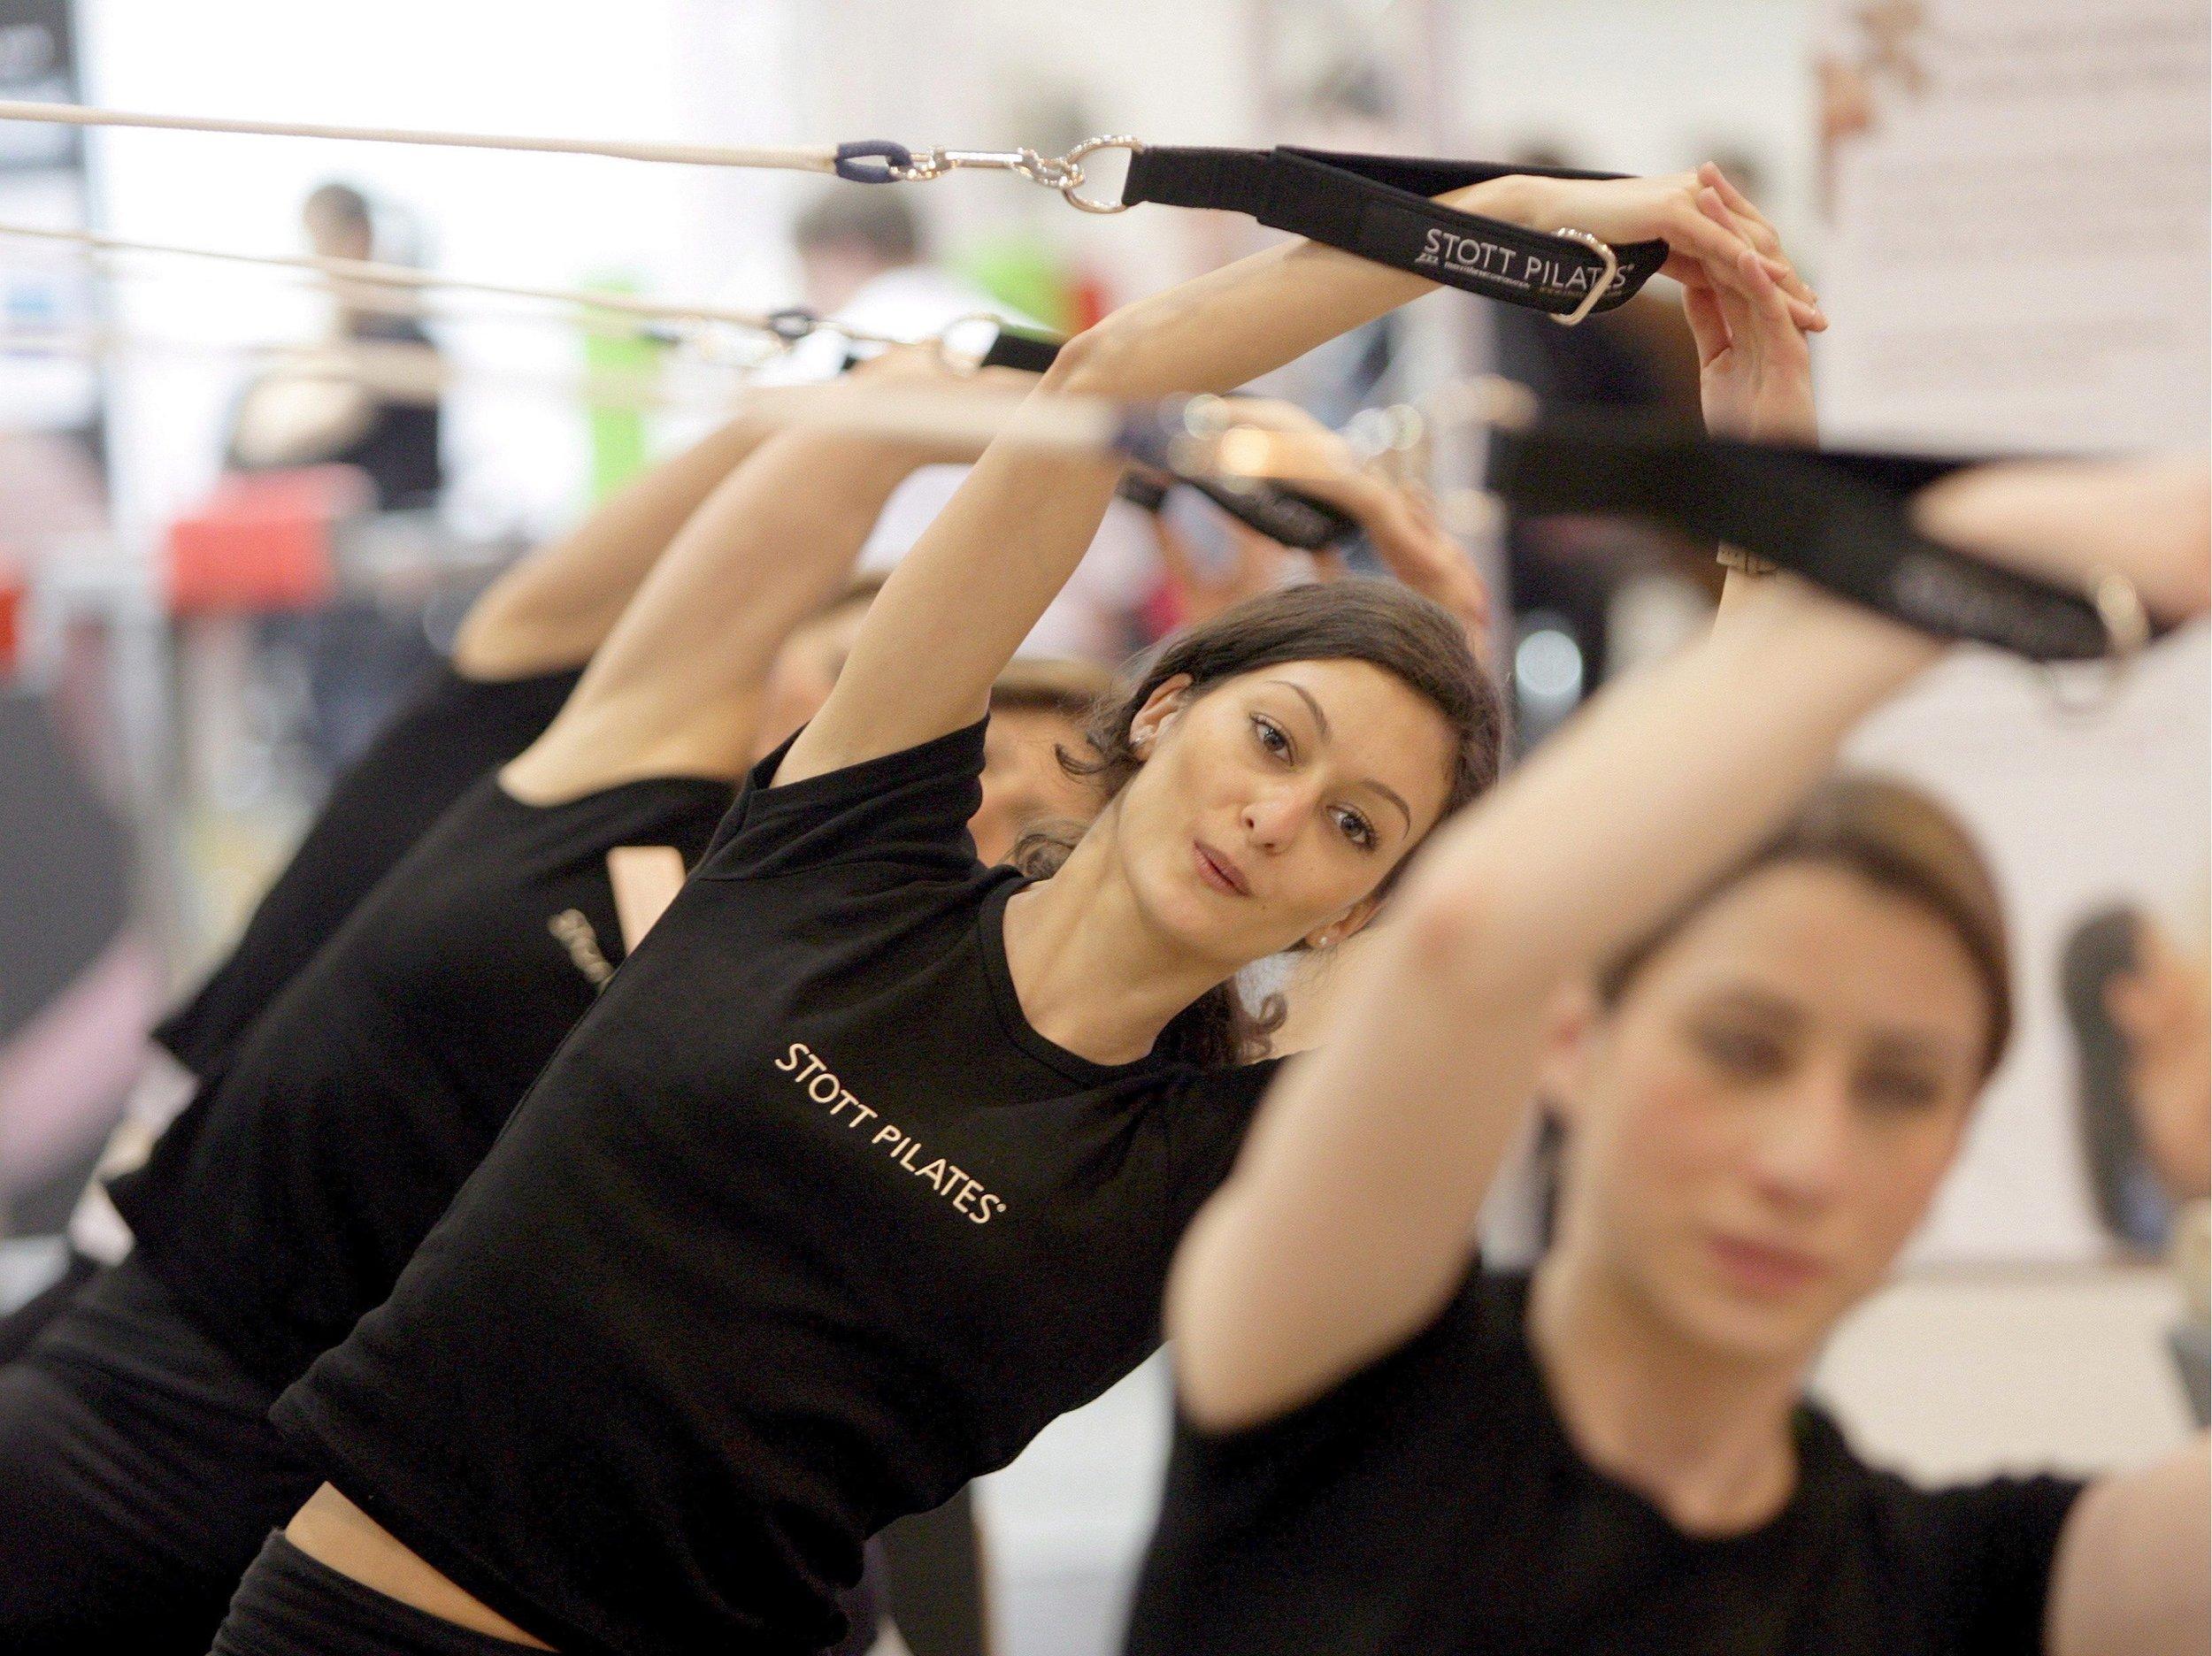 Trabajar la fuerza tiene unos efectos protectores, a nivel neurodegenerativo y de huesos y articulaciones. Foto: Joerg Carstensen